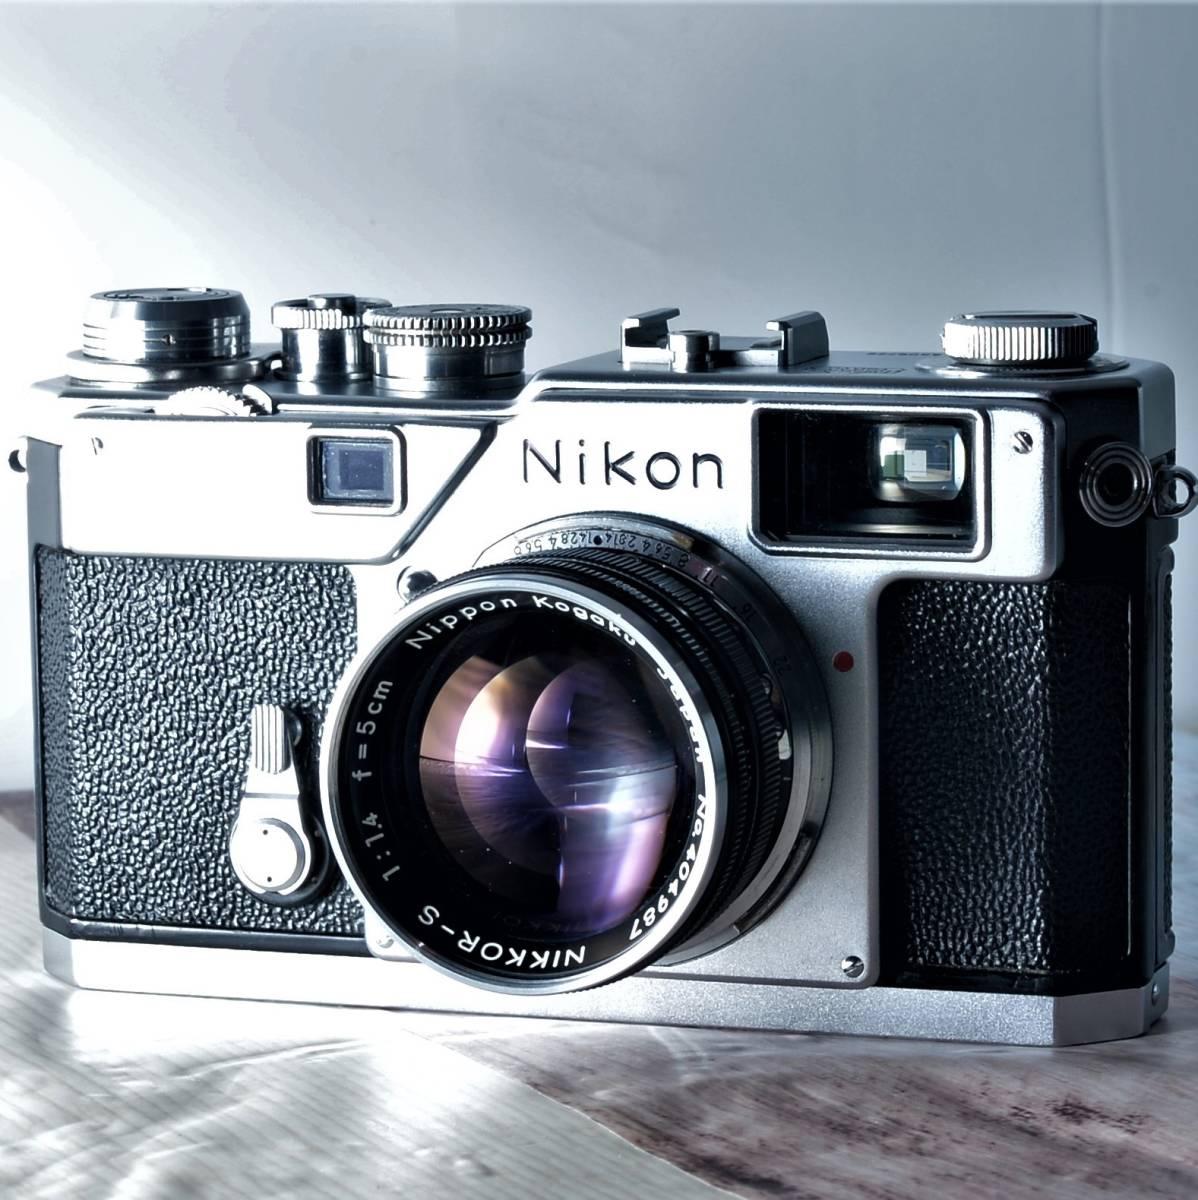 ★☆希少!完動美品! Nikon ニコン S3 隠れた名レンジファインダー!無駄を削ぎ落とした美しさ!満たされる所有欲!透き通った視界♪☆★